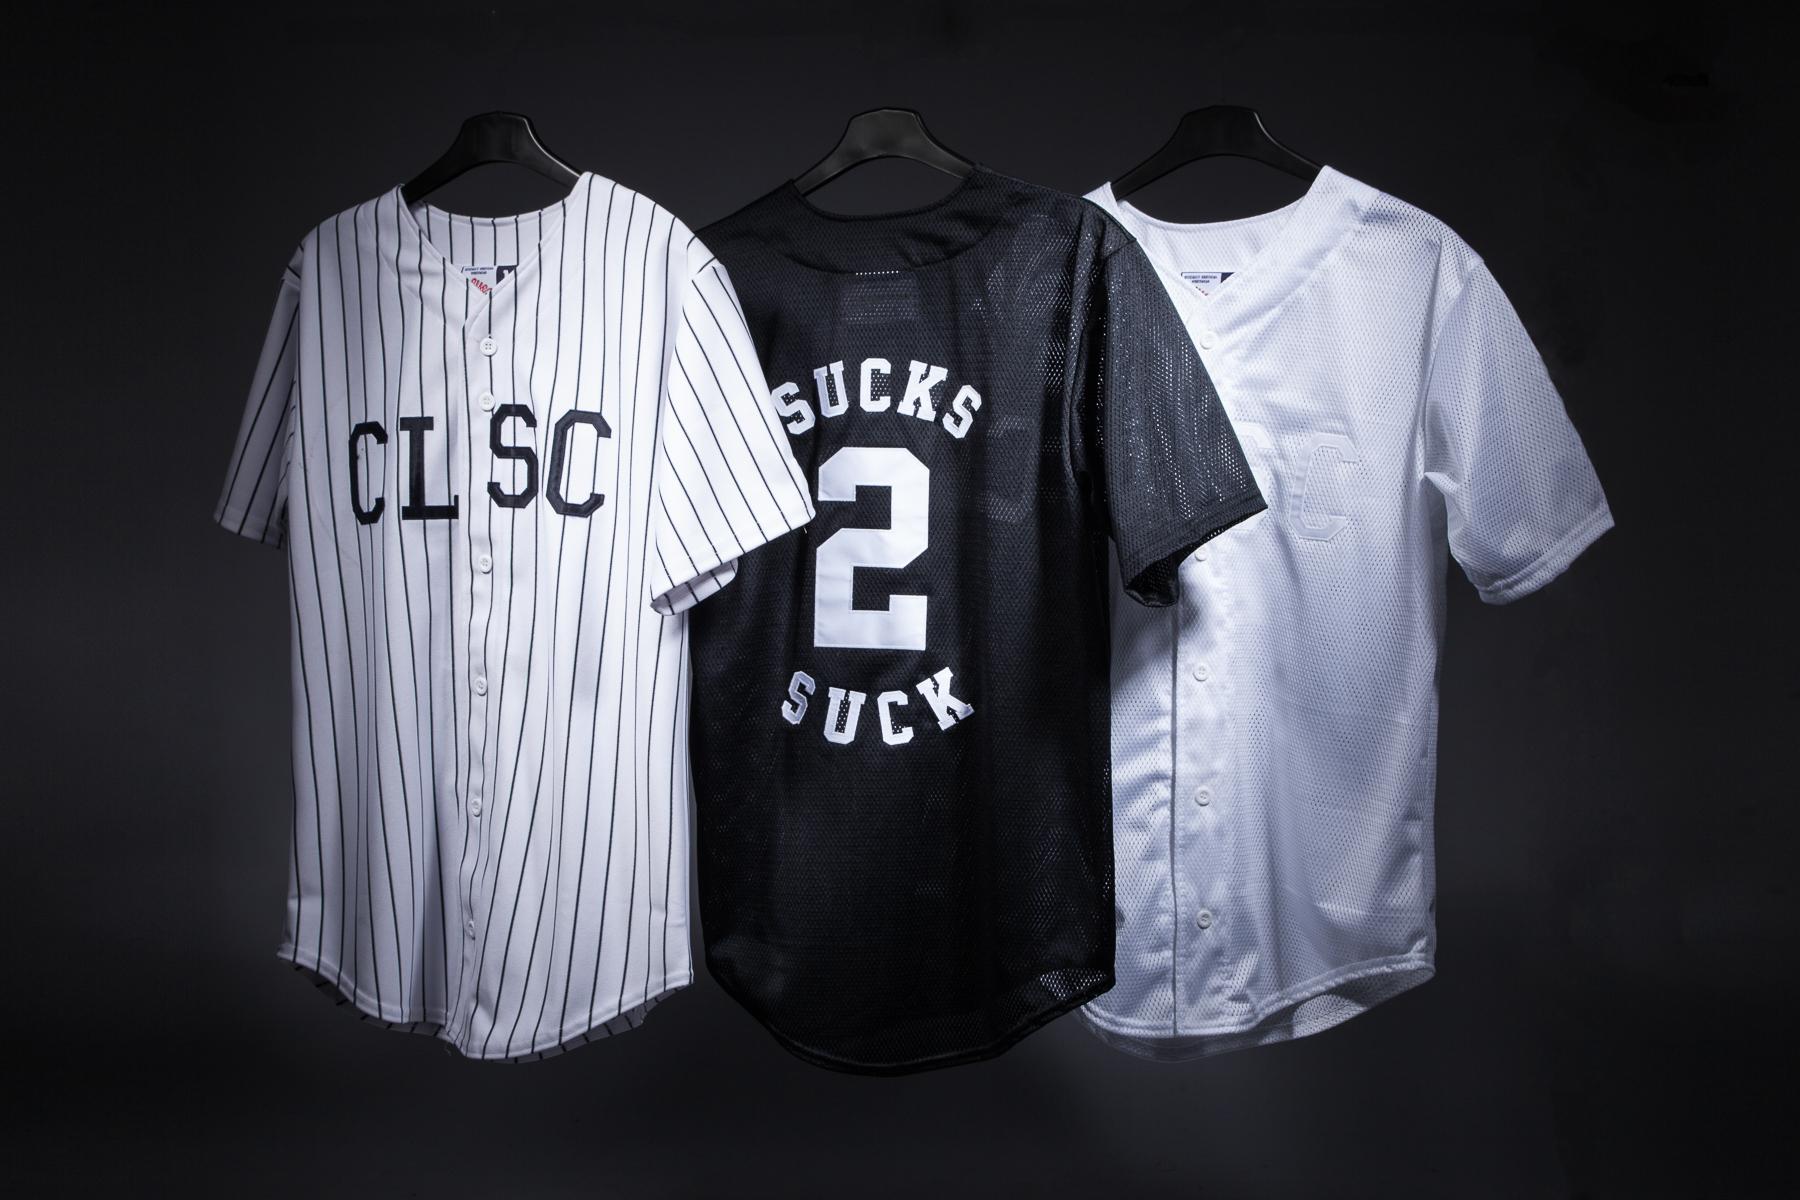 CLSC 2014 Spring/Summer Baseball Jerseys